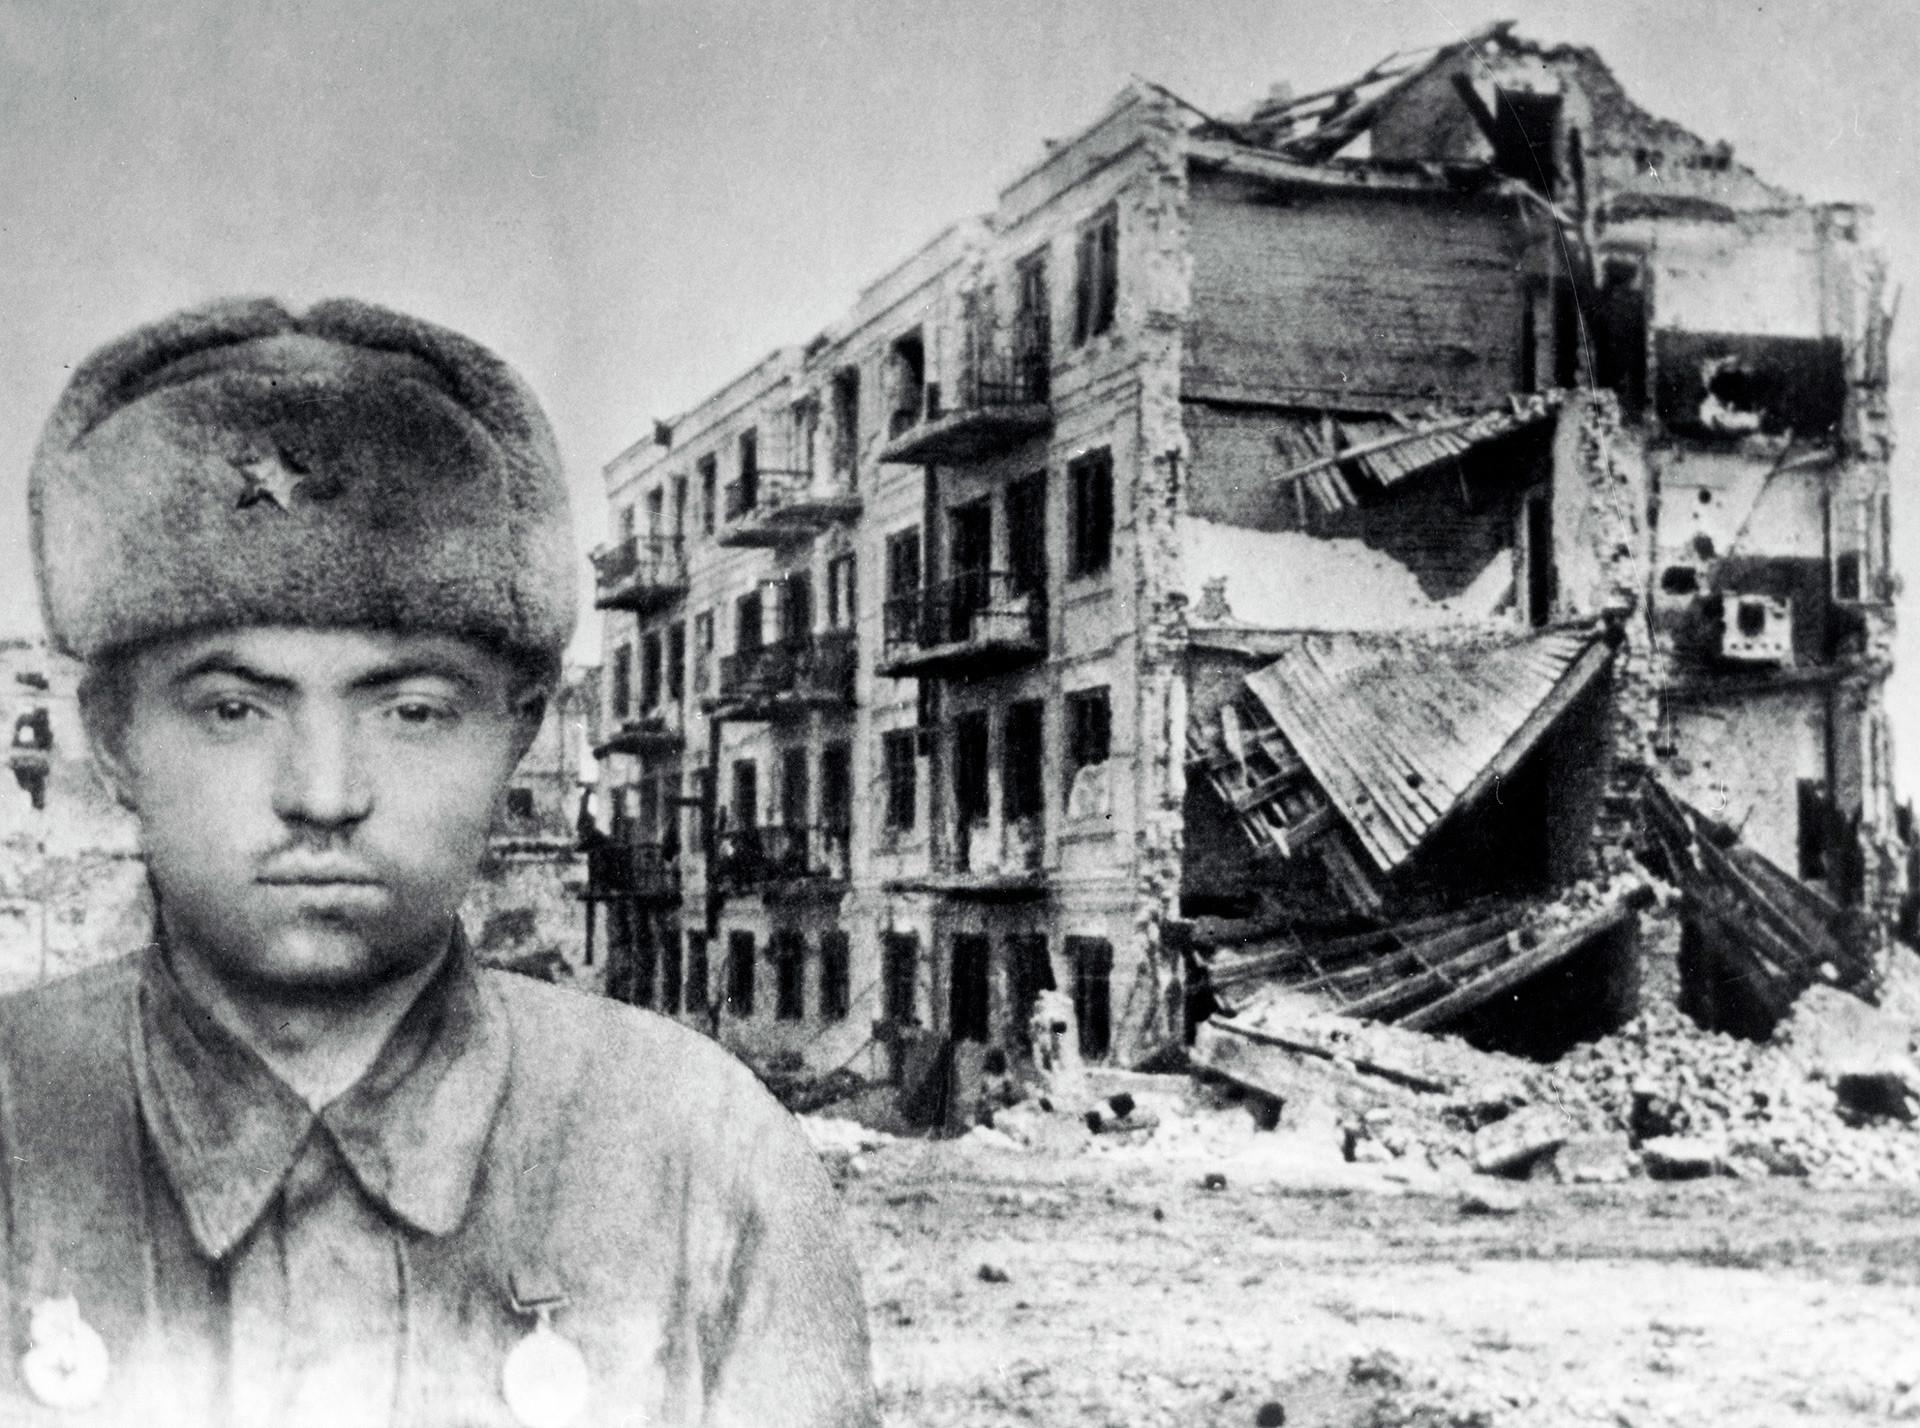 ヤコヴ・パヴロフ軍曹。彼の名にちなみ、この建物に「パヴロフの家」という呼び名がついた。